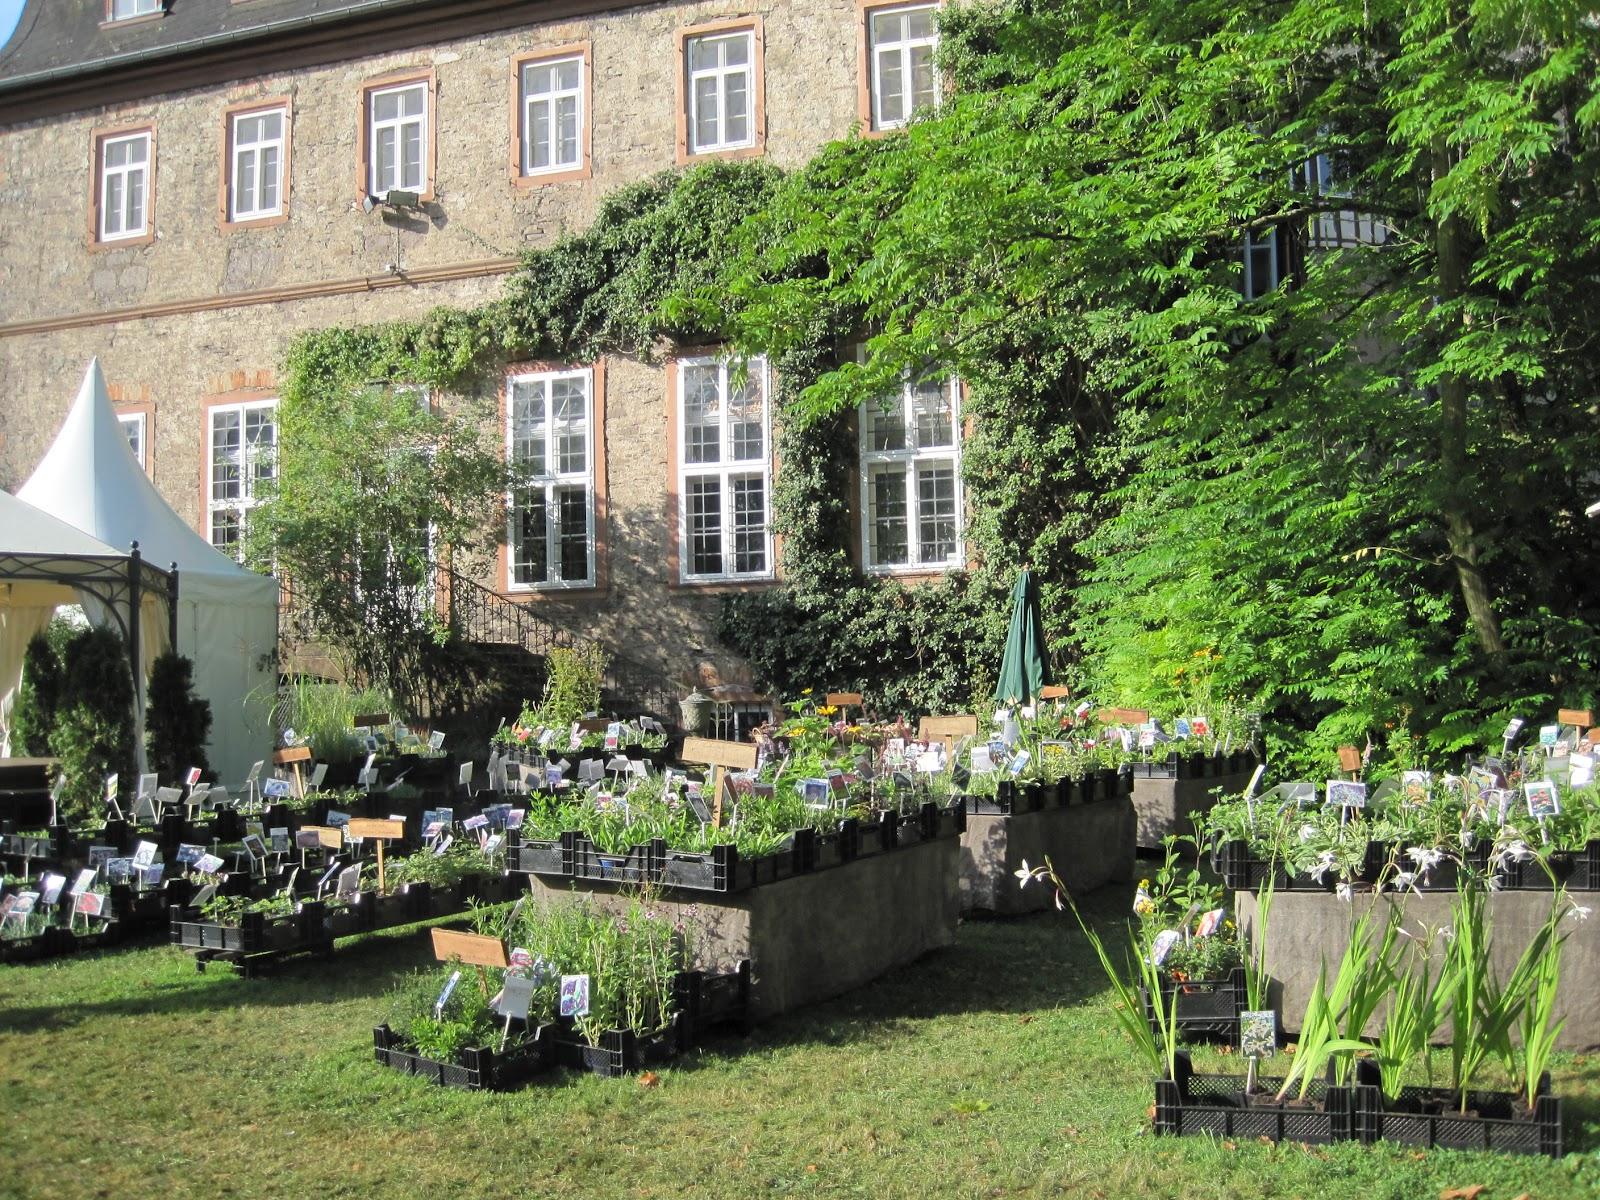 Das Hohe Haus Herbstzauber Schloss Laubach Teil 2 oder